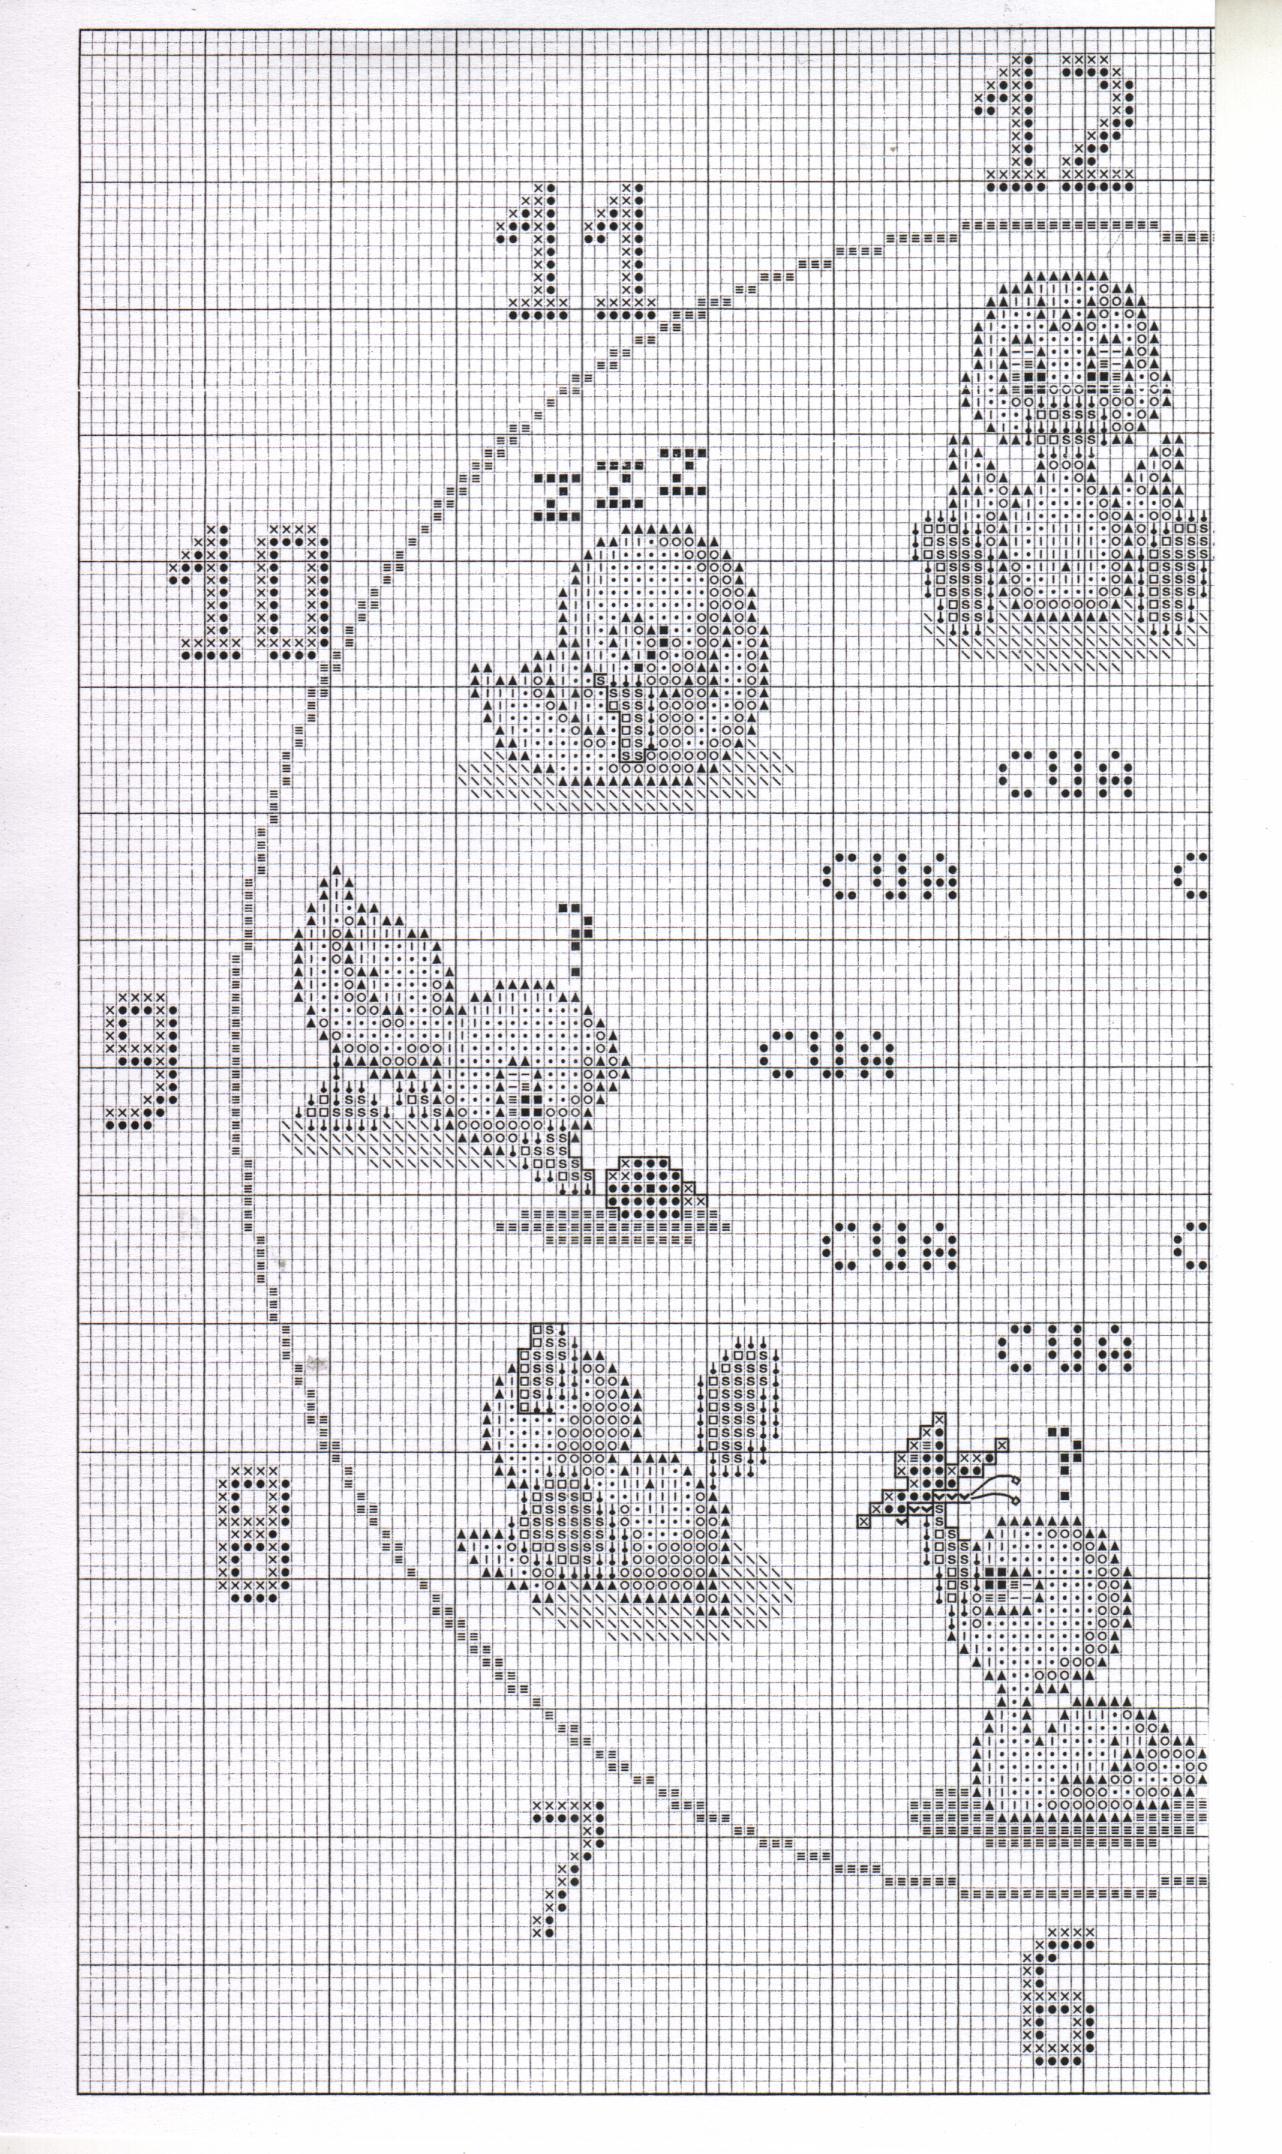 Orologio bambini paperelle 2 punto for Orologio punto croce schemi gratis